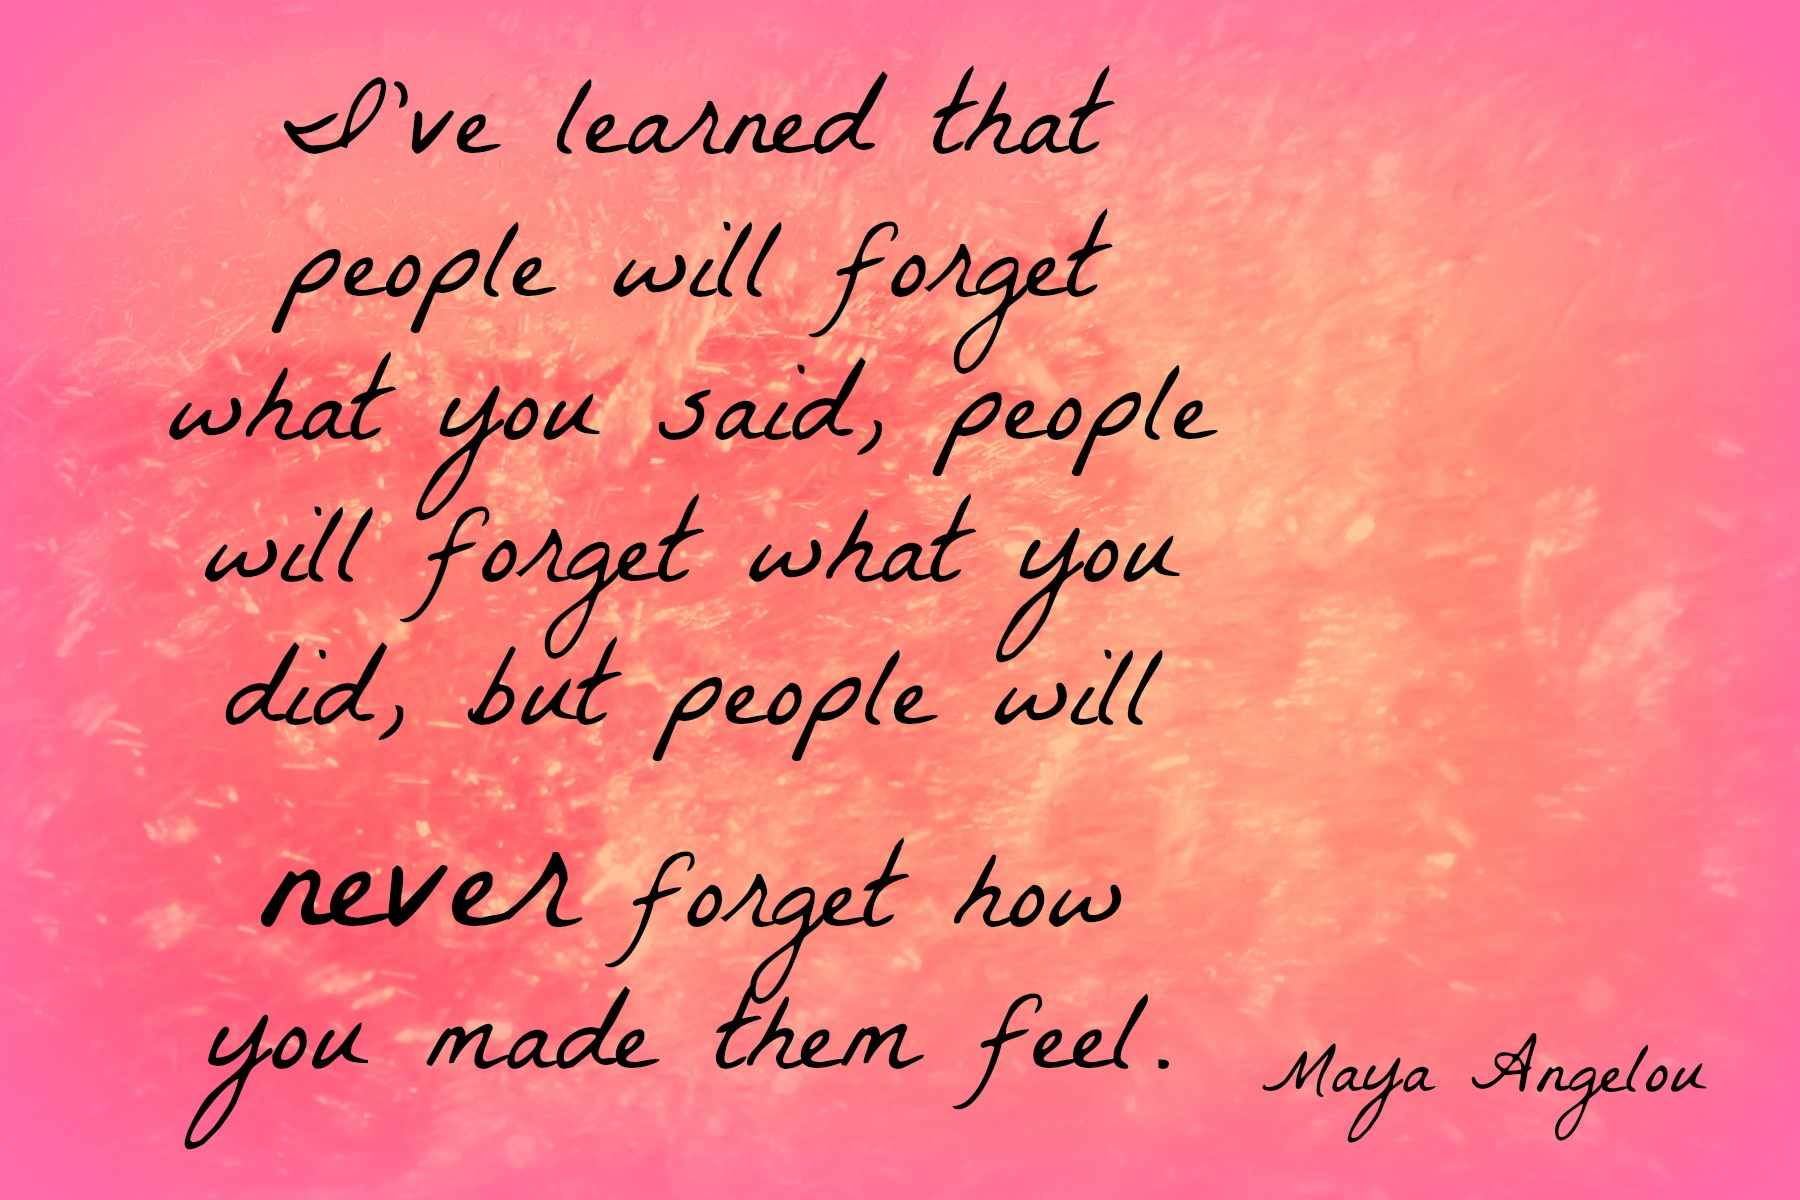 Toxic People Quotes Maya Angelou toxic people quotes maya angelou ...